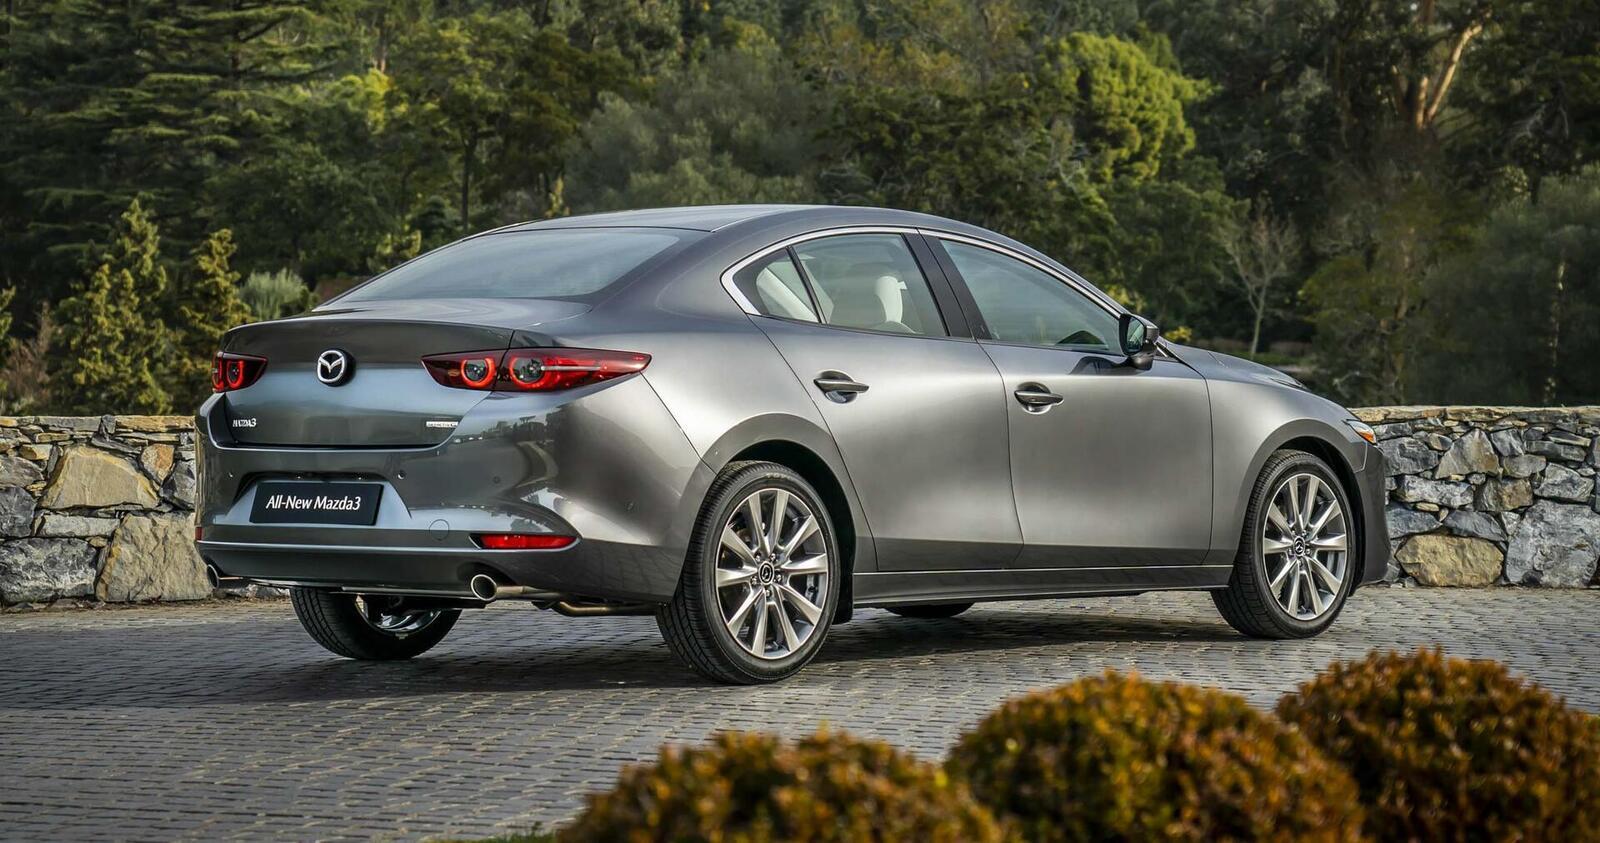 Mazda3 thế hệ mới chốt lịch ra mắt tại Malaysia vào tháng sau; giá dự kiến từ 764 triệu đồng - Hình 2